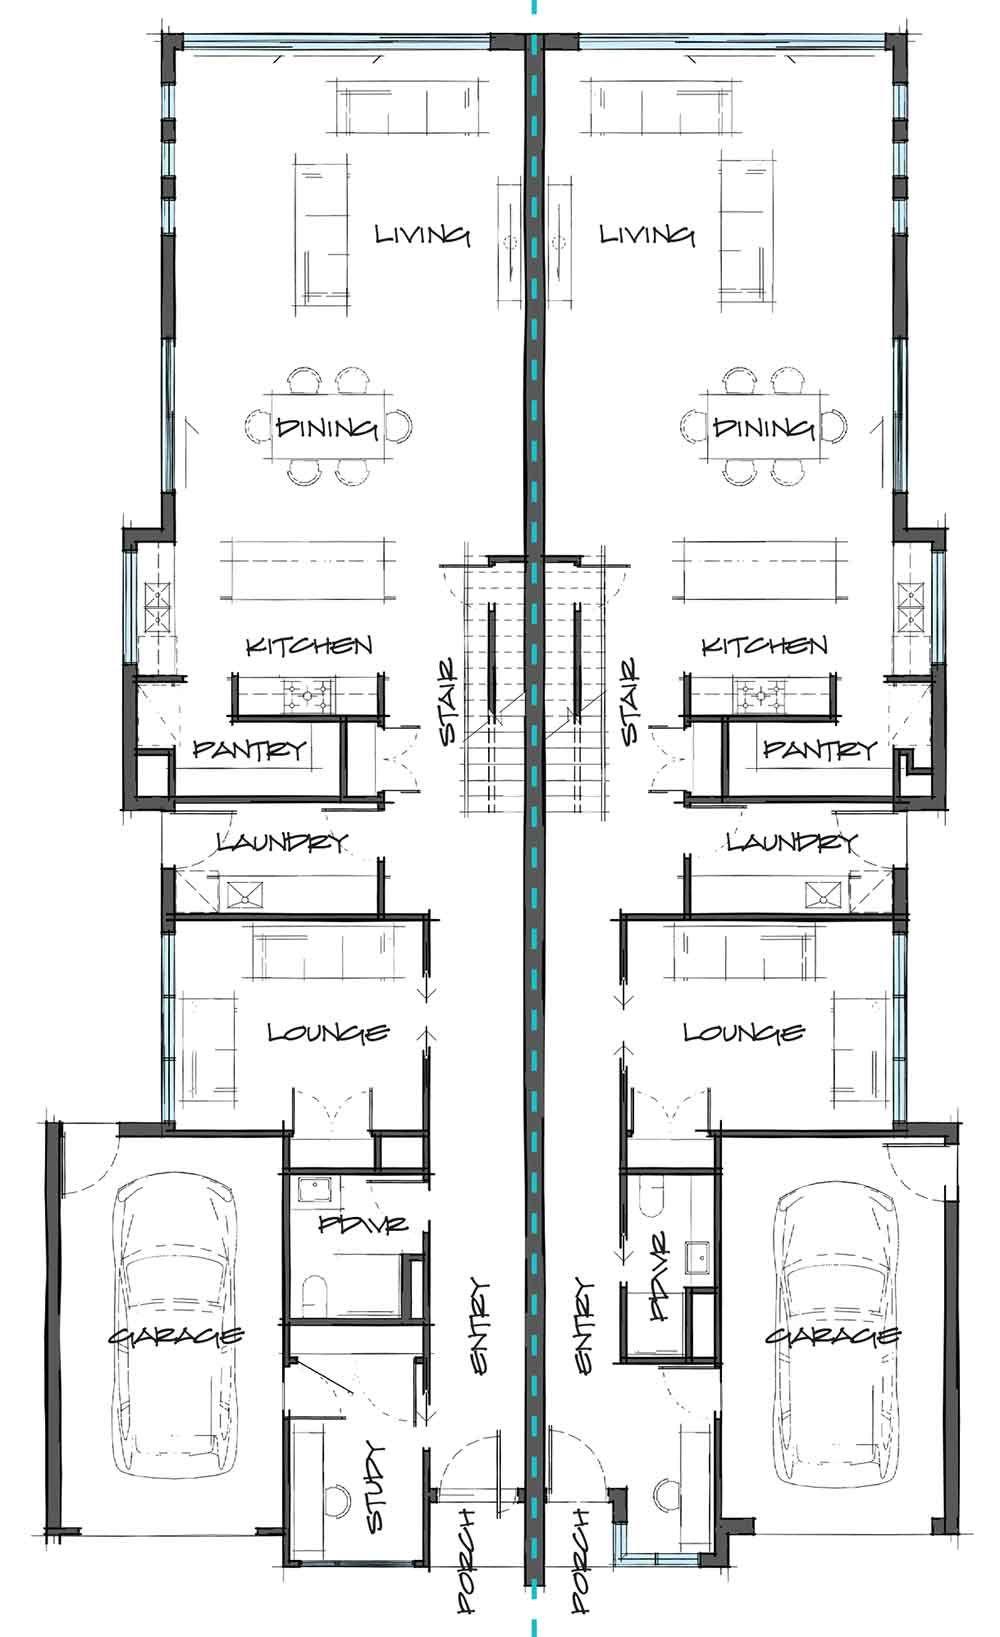 90 0 Lot Line Plans Ideas Dual Occupancy House Plans Floor Plans